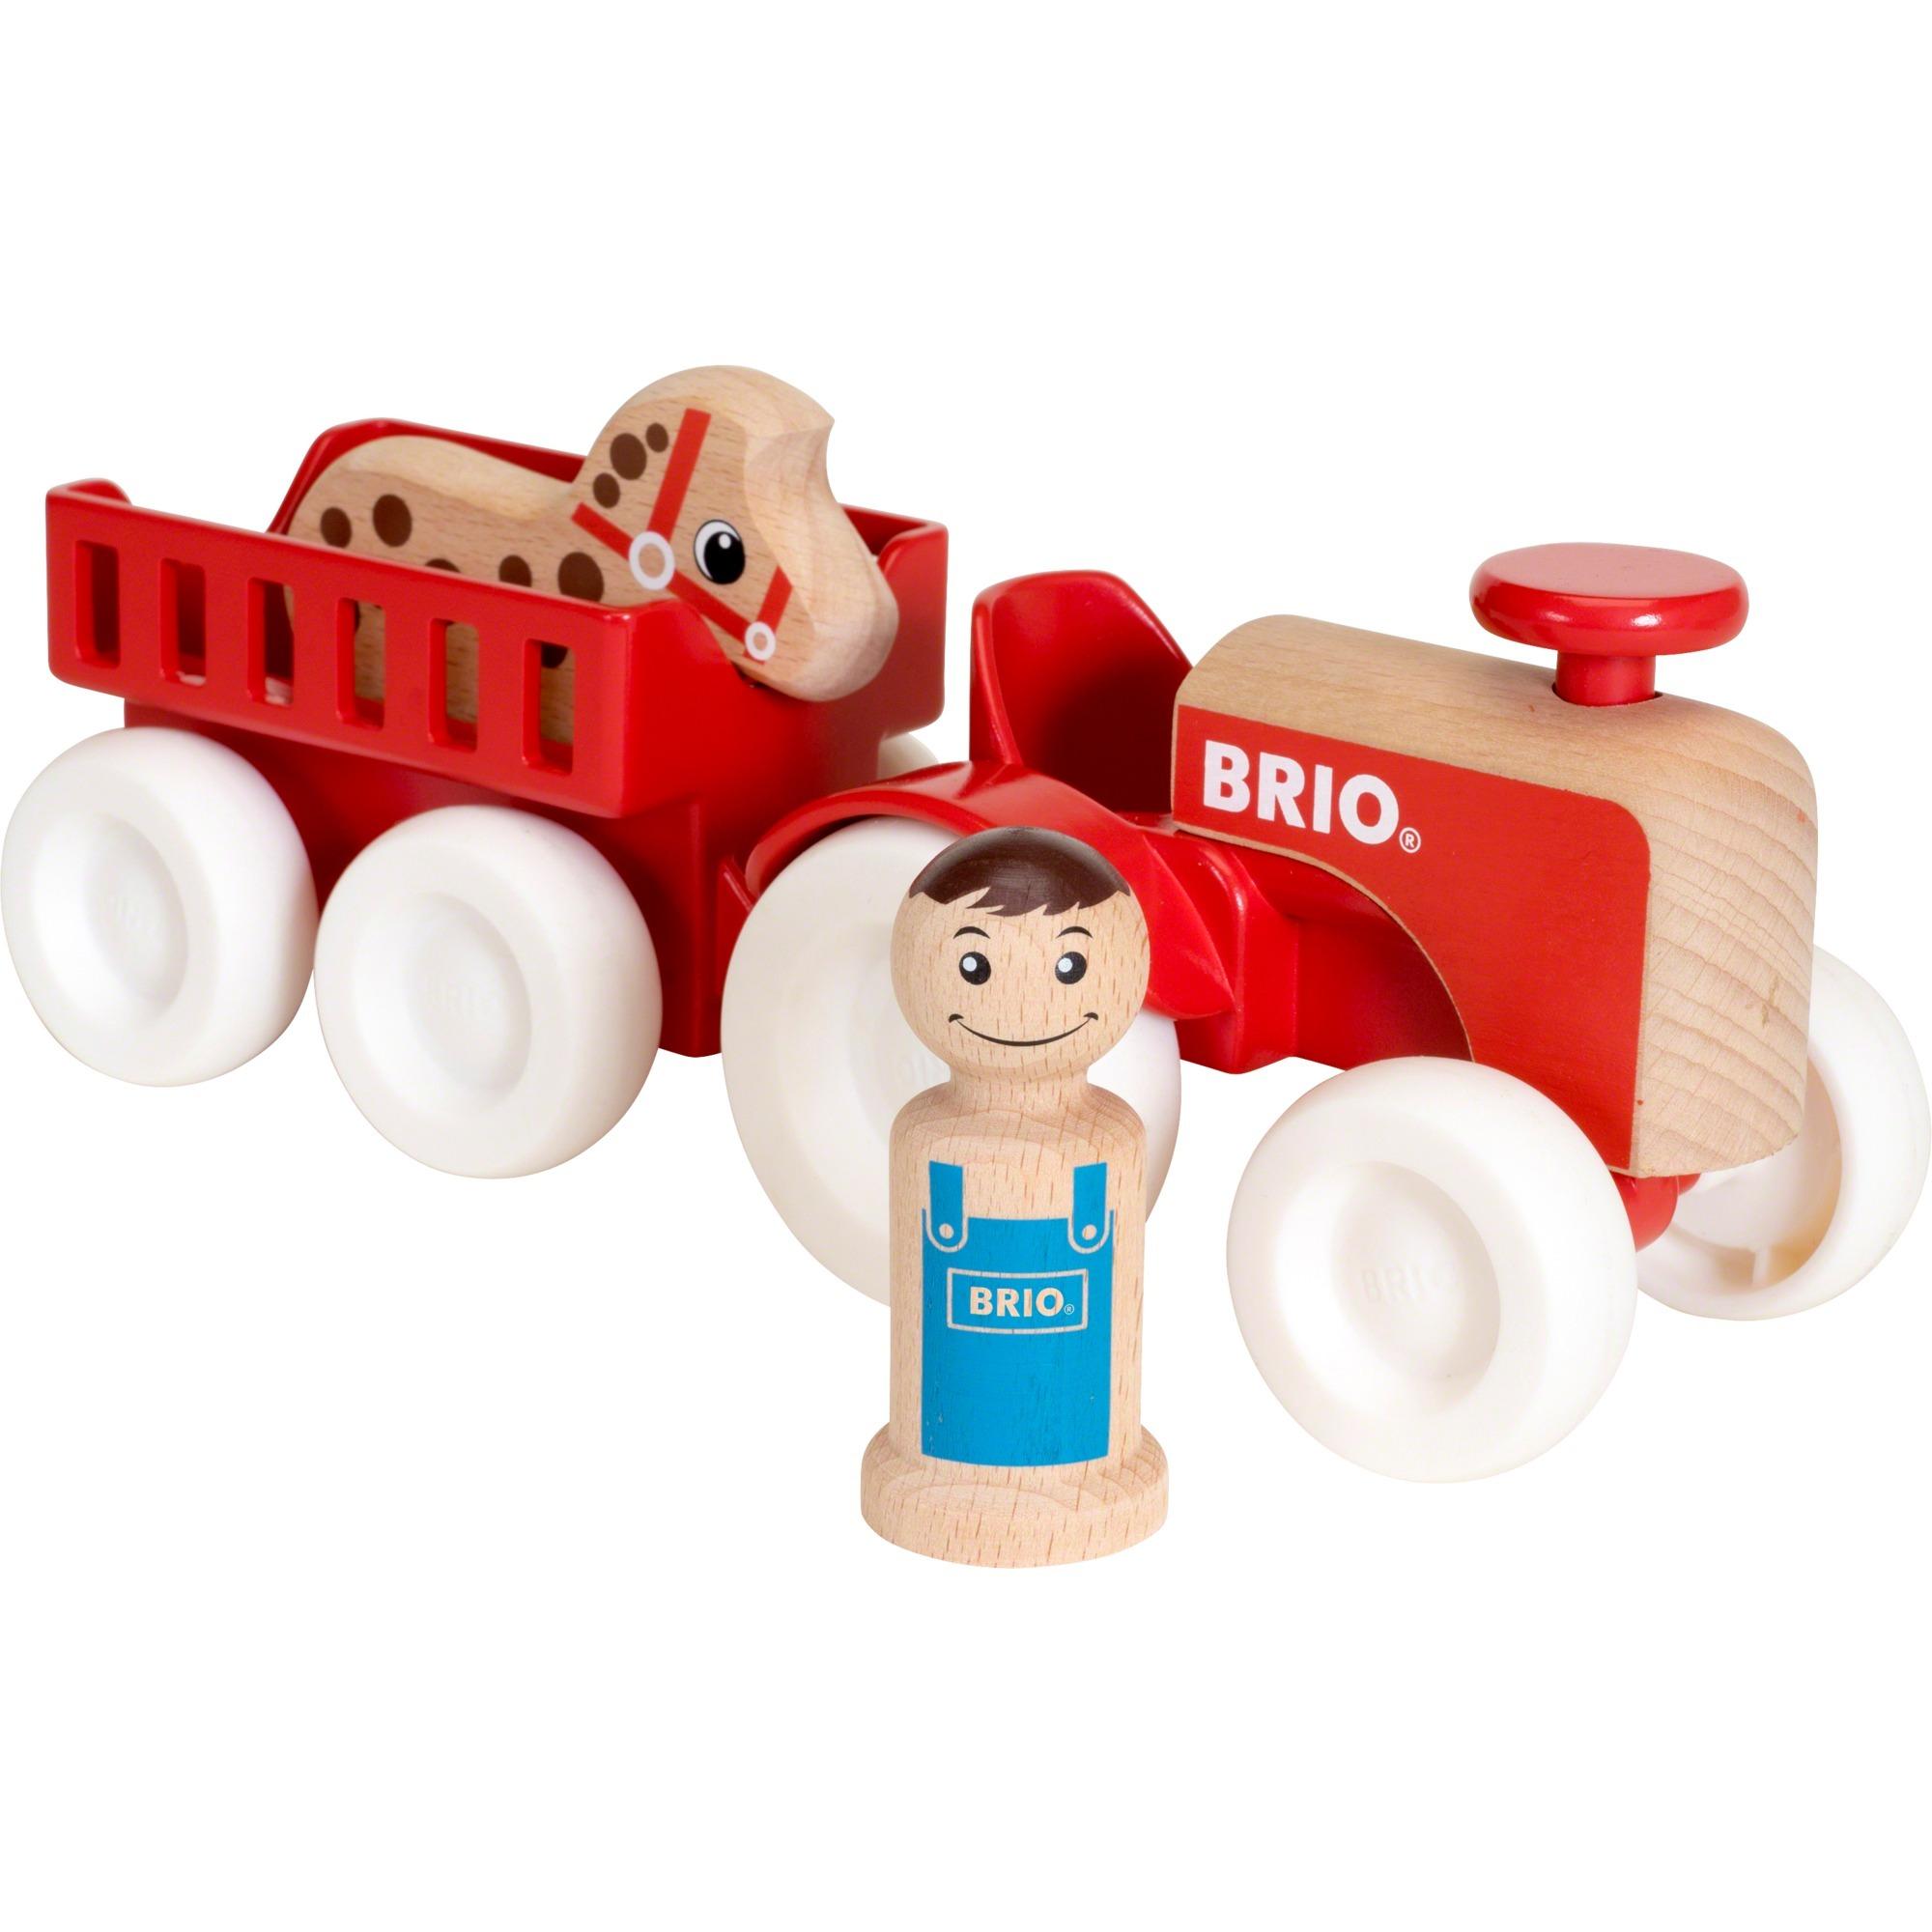 30265 Tractor y remolque con caballo, Automóvil de construcción